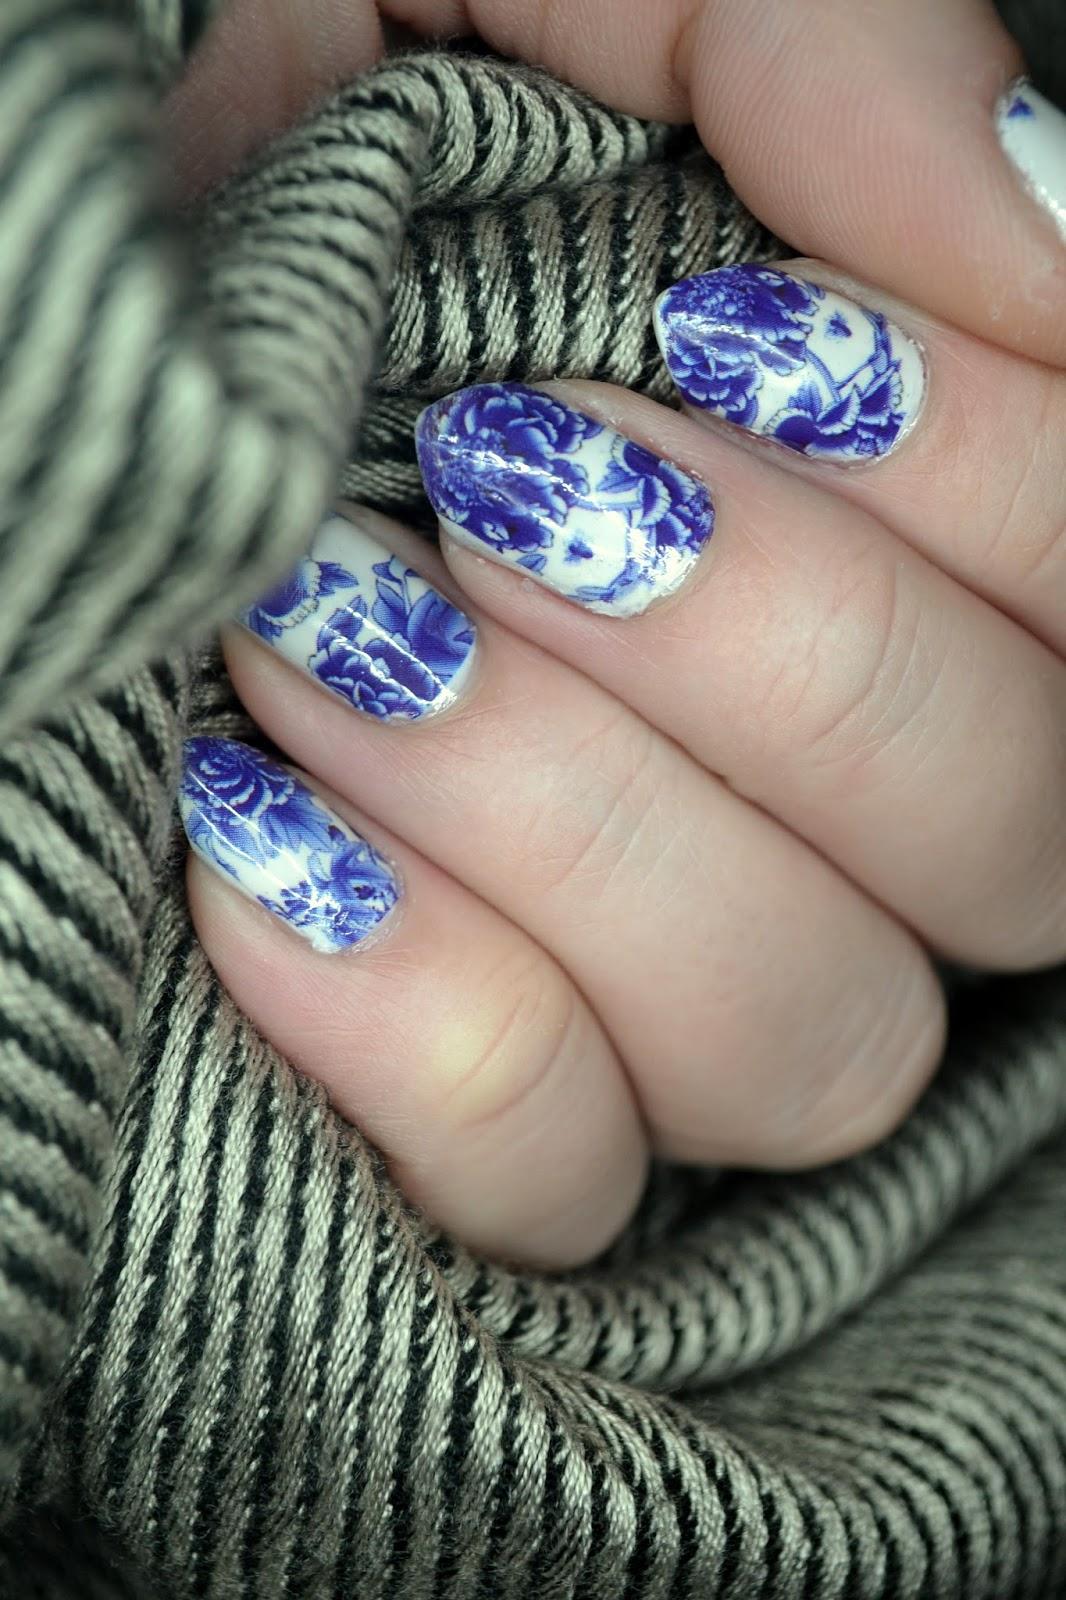 Zaczarowana Oczarowana Paznokciowy Look Niebieskie Kwiaty